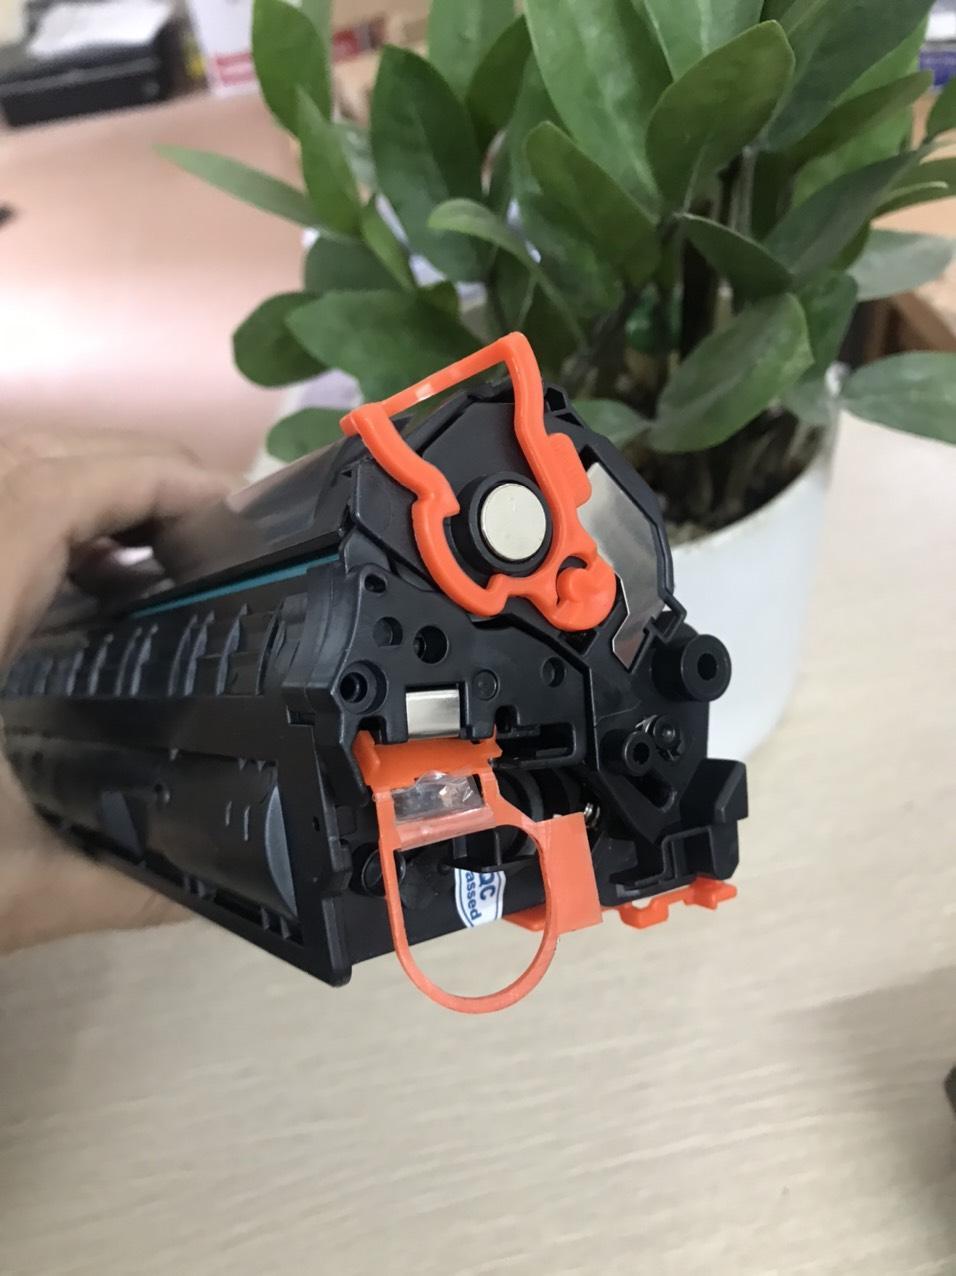 Giá Hộp mực c.anon 6200D/6230DN/6230DW/MF 4450/4750/4870 mã 78A/326/328 loại có lỗ đổ mực và xả thải